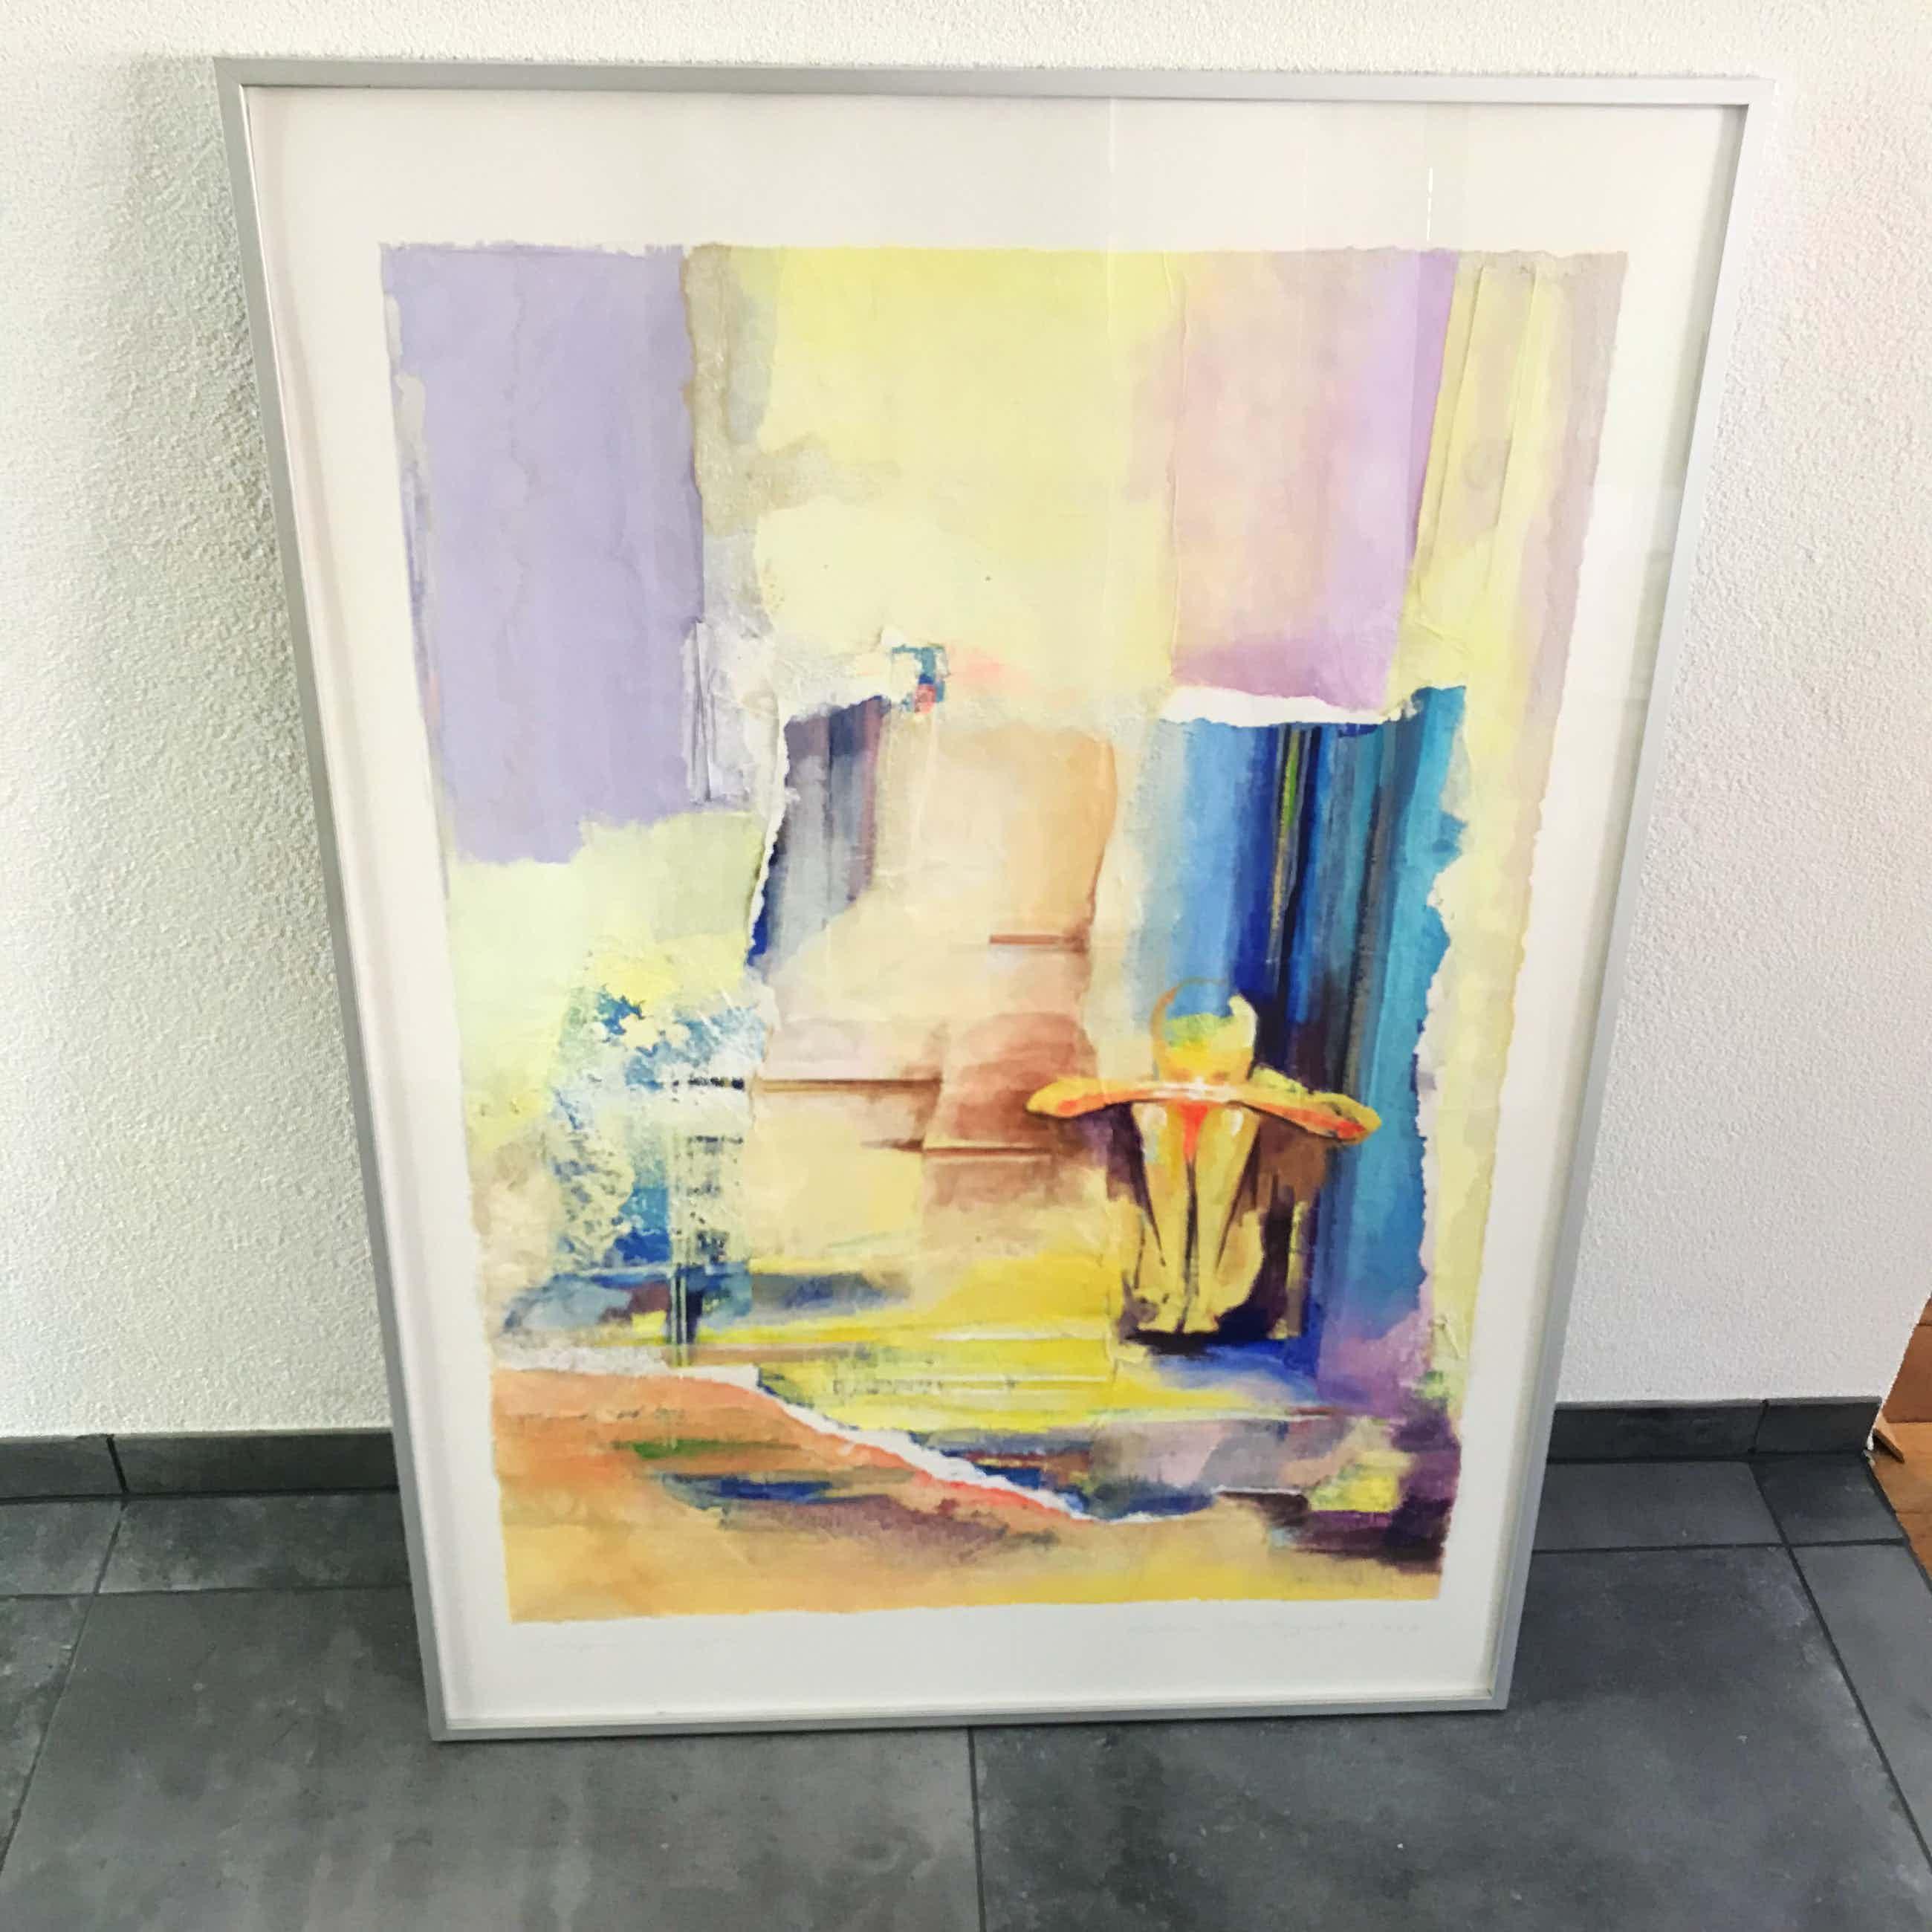 Helen Westgeest - Gemengde techniek op papier, Overpeinzingen - Ingelijst (Groot) kopen? Bied vanaf 75!